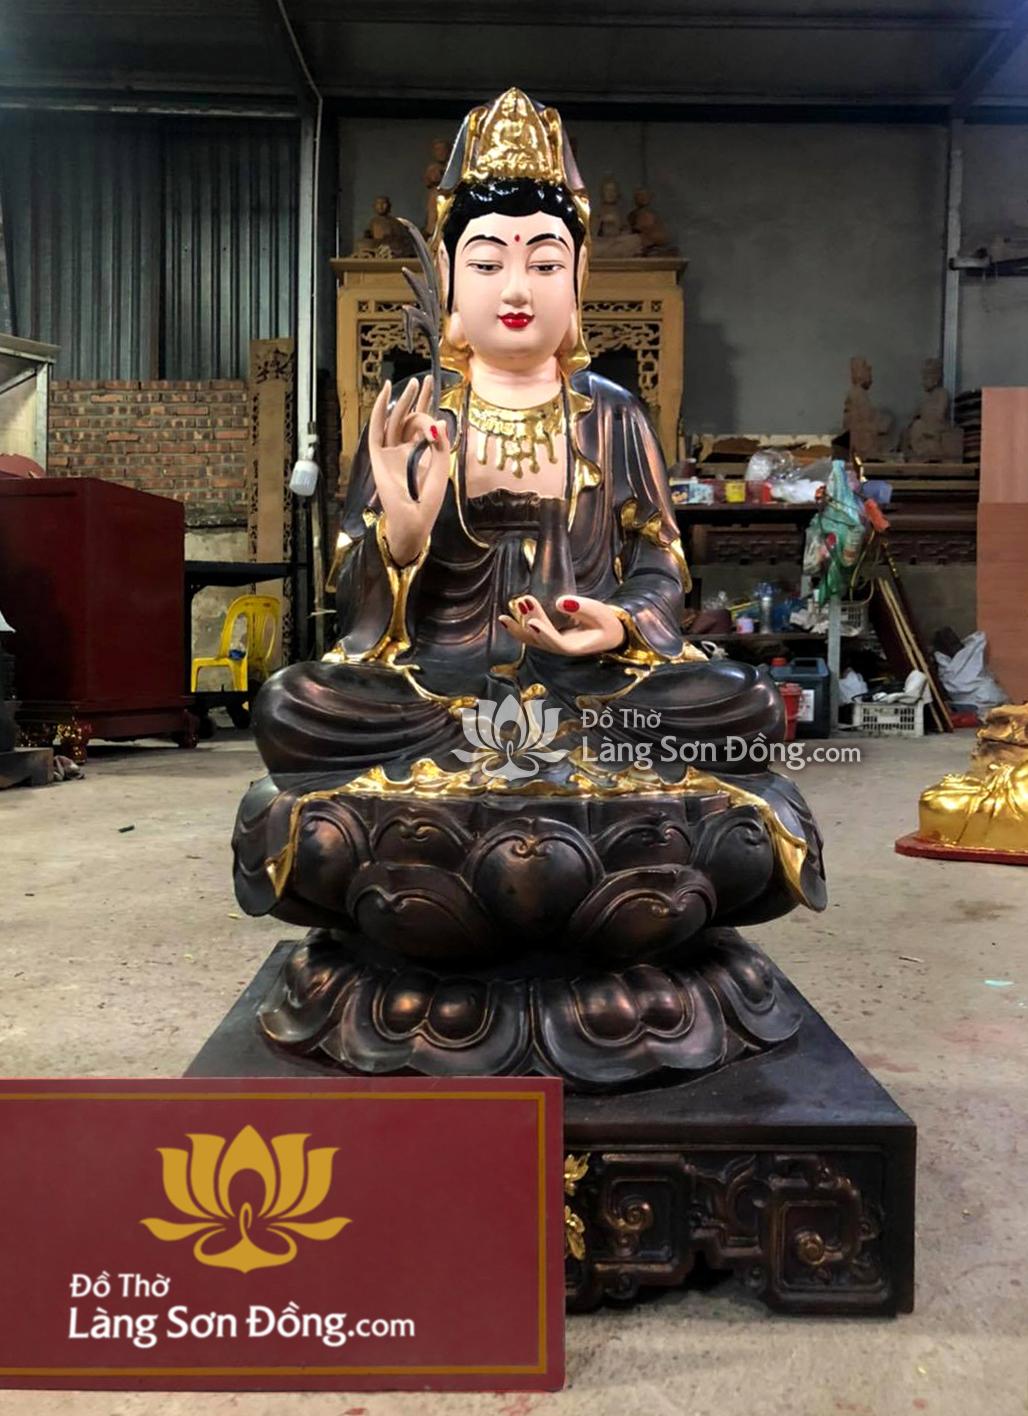 Phật quan âm bồ tát theo lối cổ